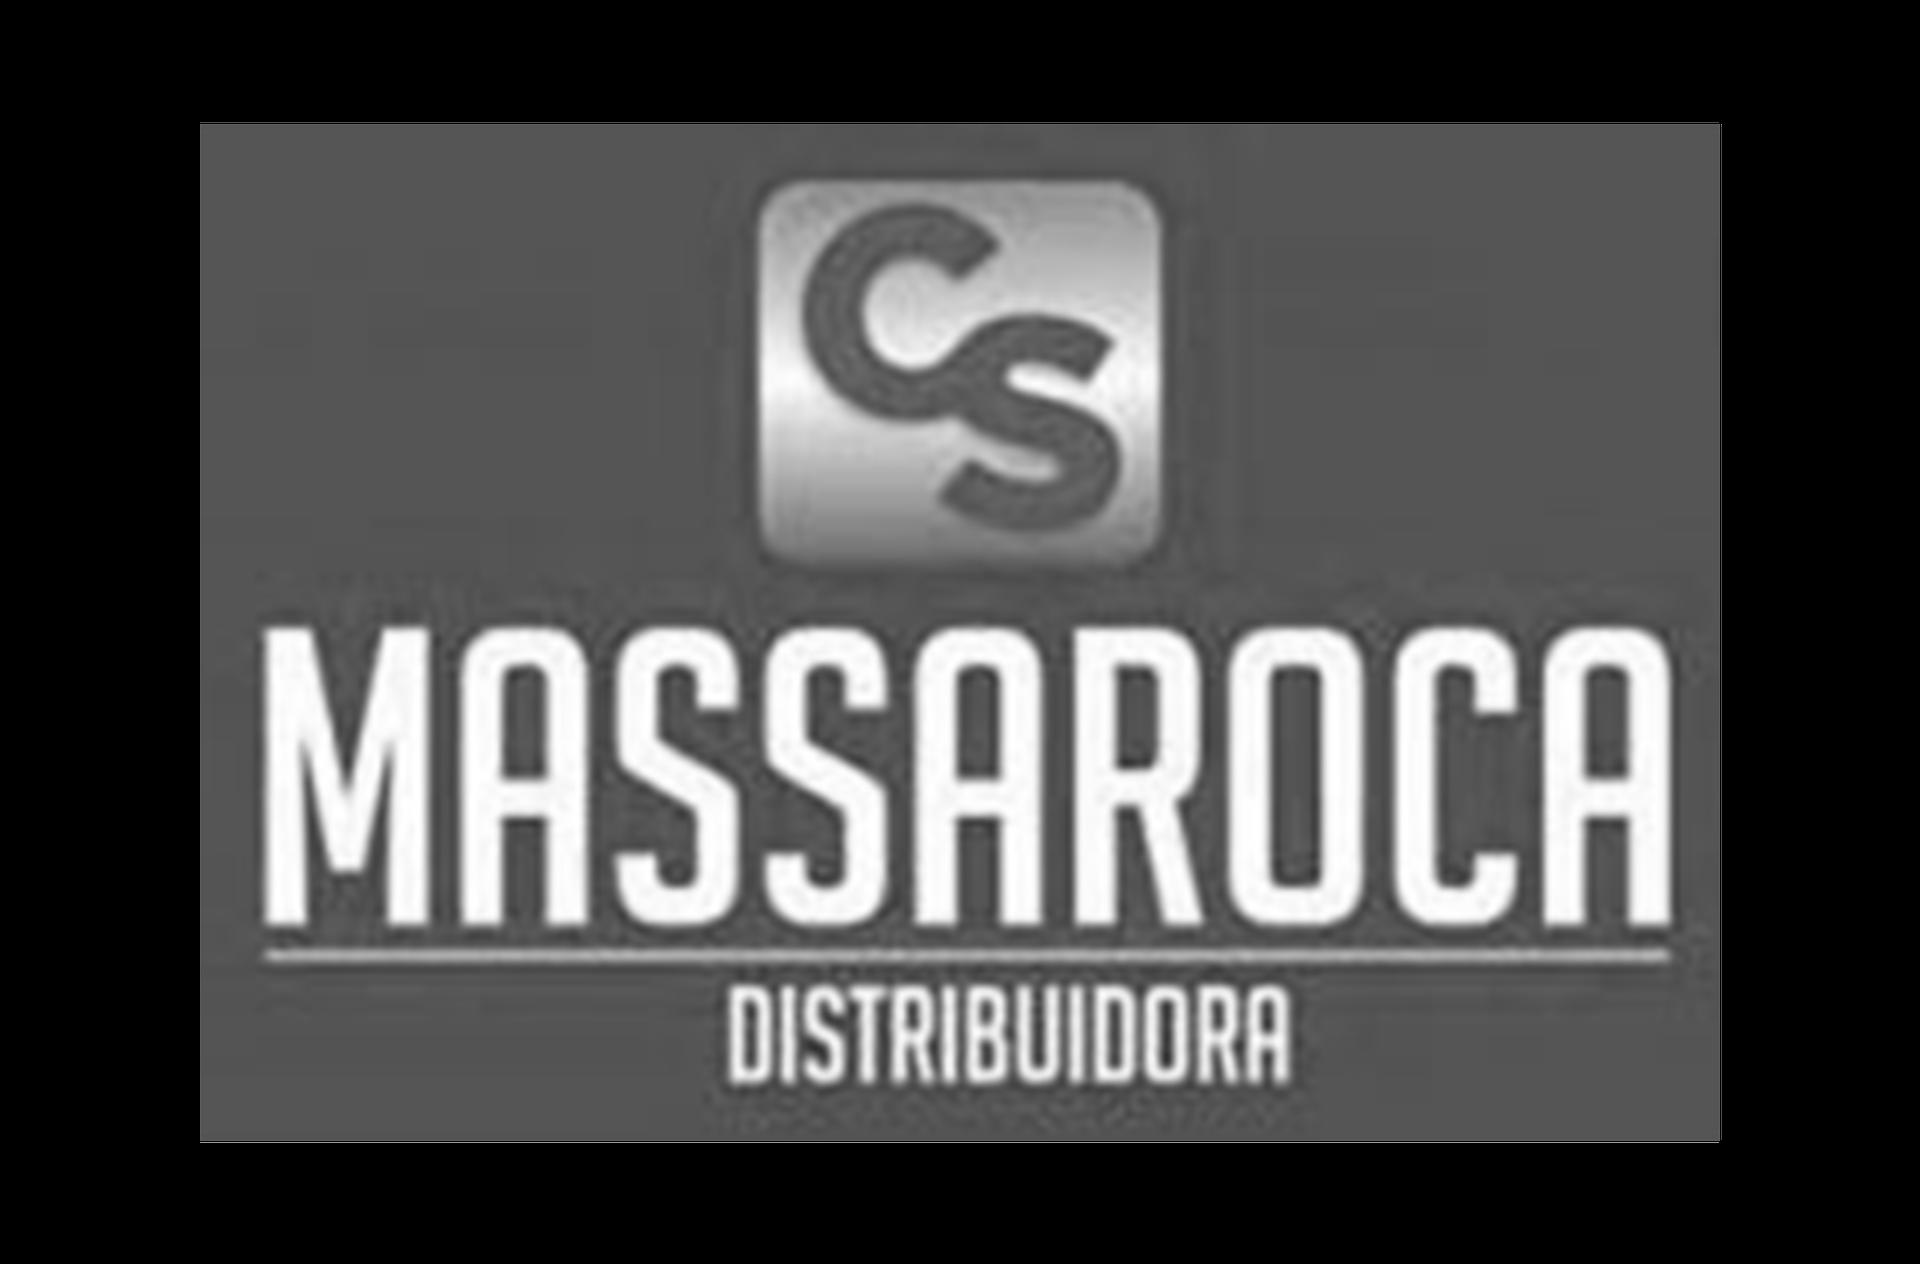 massaroca